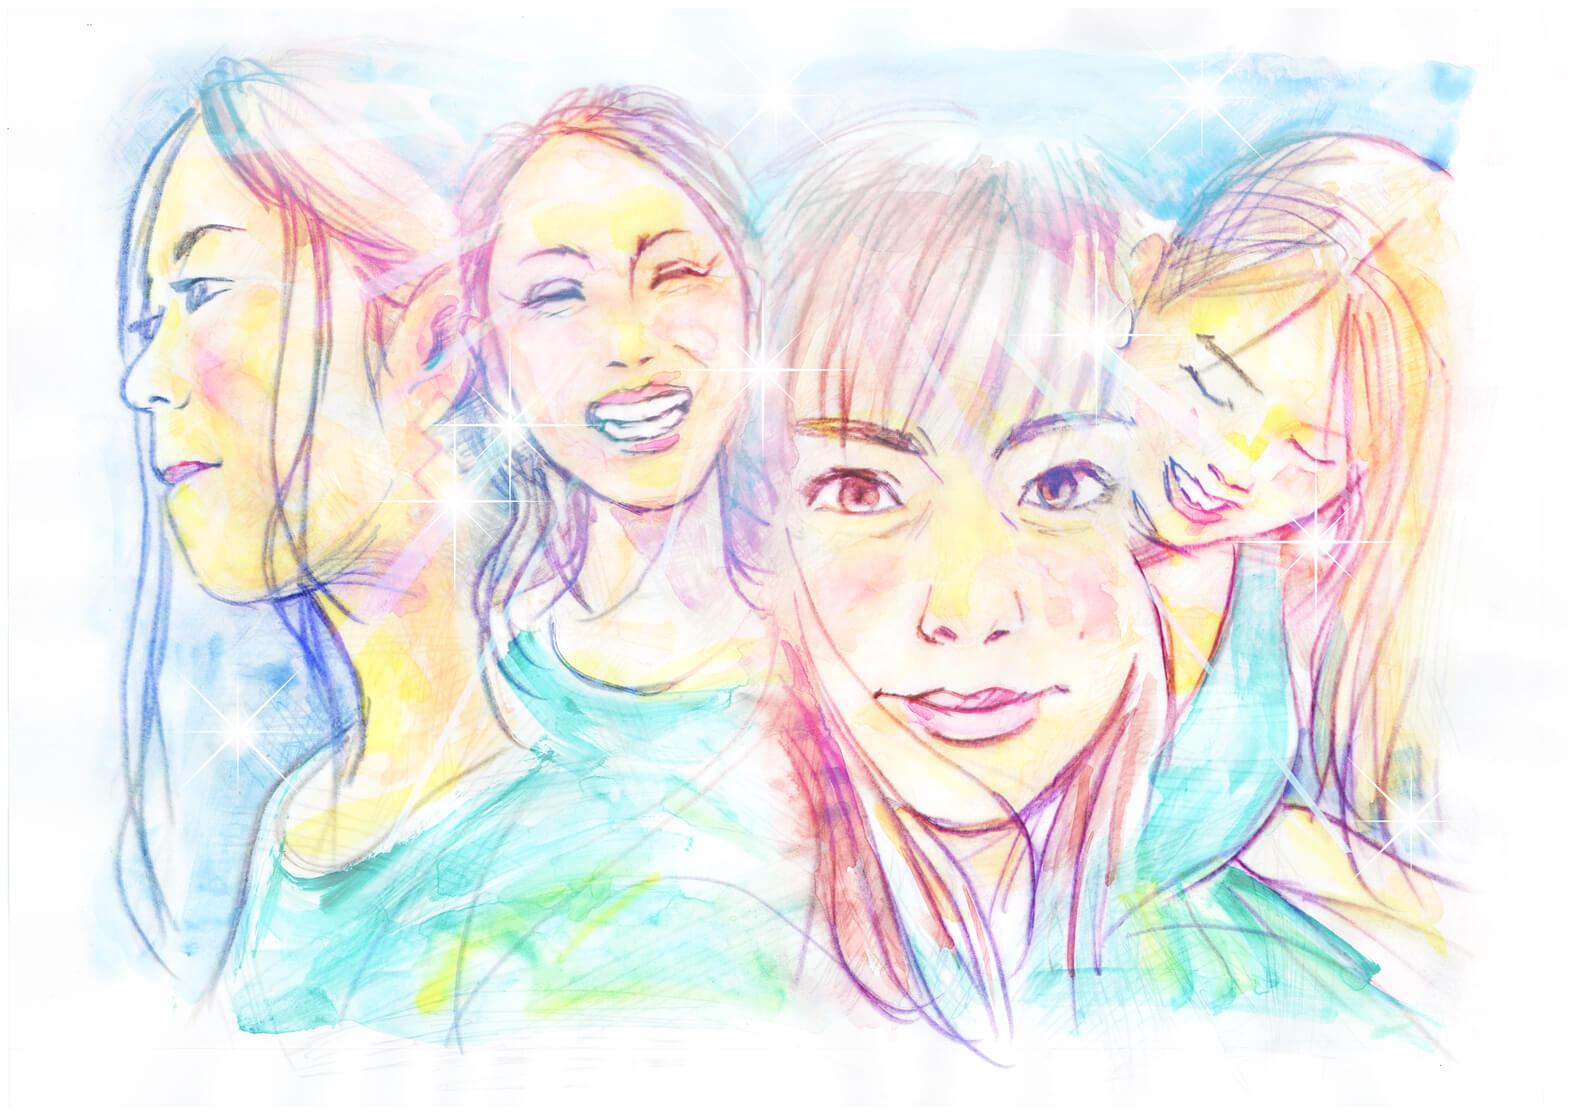 あゆたーり、デビュー曲「煌く」の公式ミュージックビデオを公募サムネイル画像